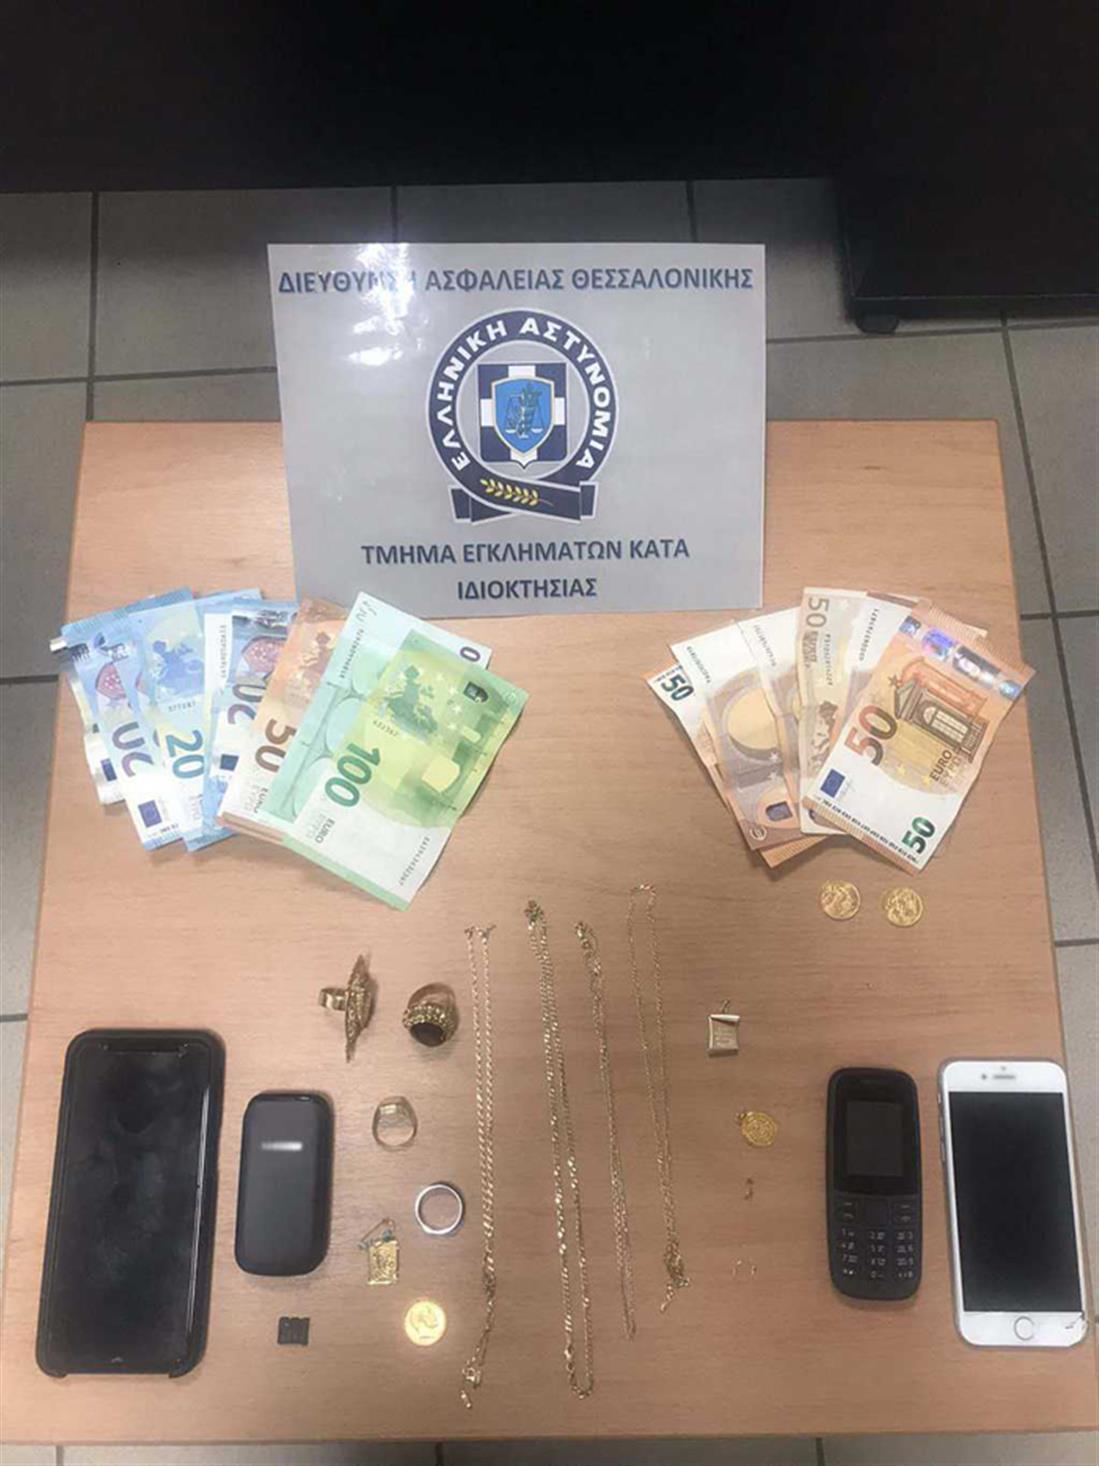 Θεσσαλονίκη - διαρρήκτες - σύλληψη